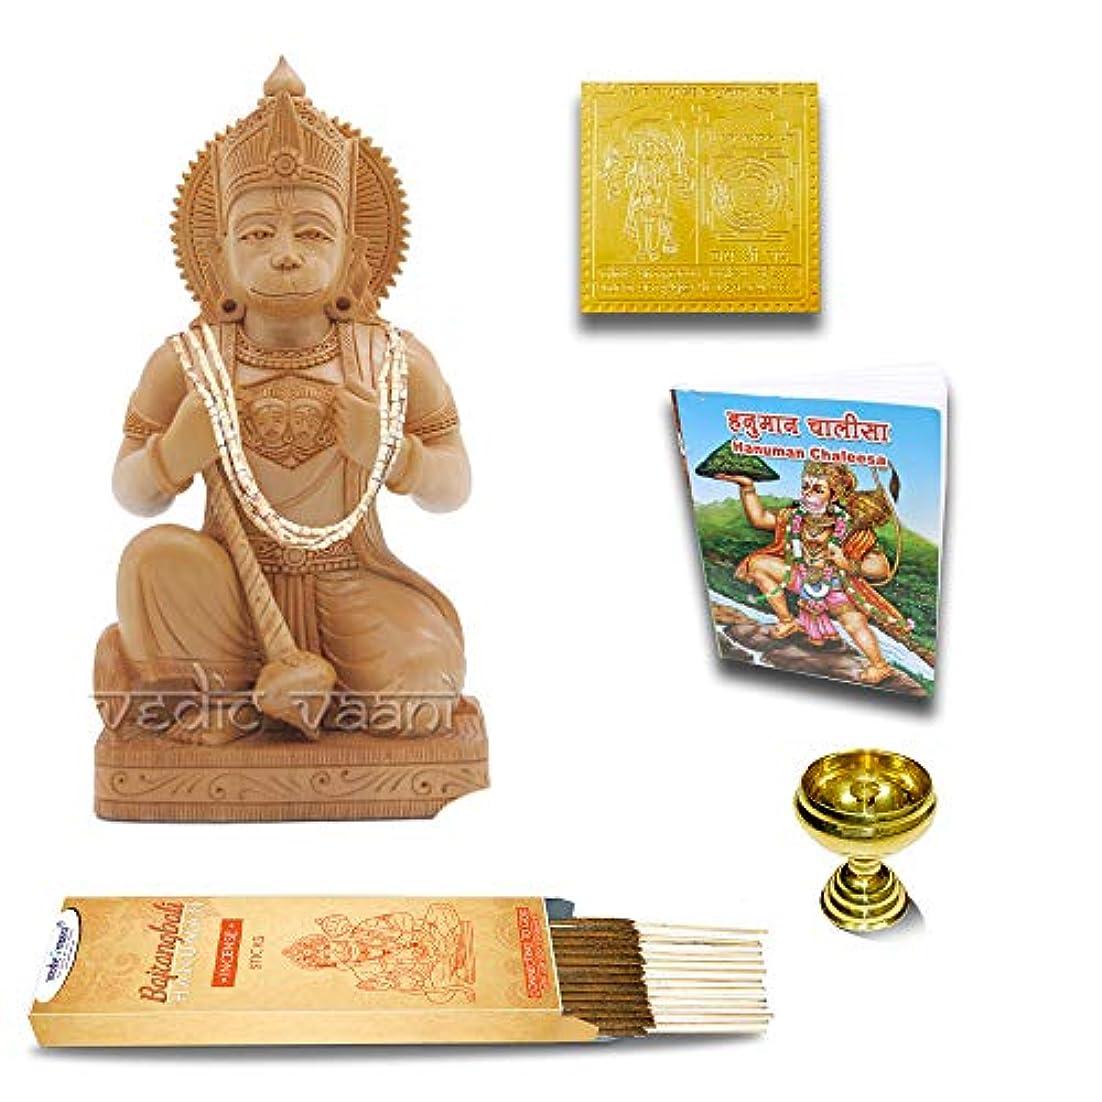 比類なきアンティーク動くVedic Vaani Ram Bhakat Hanuman 木製像 ヤントラ チャリサ ディヤ お香スティック付き 100gm